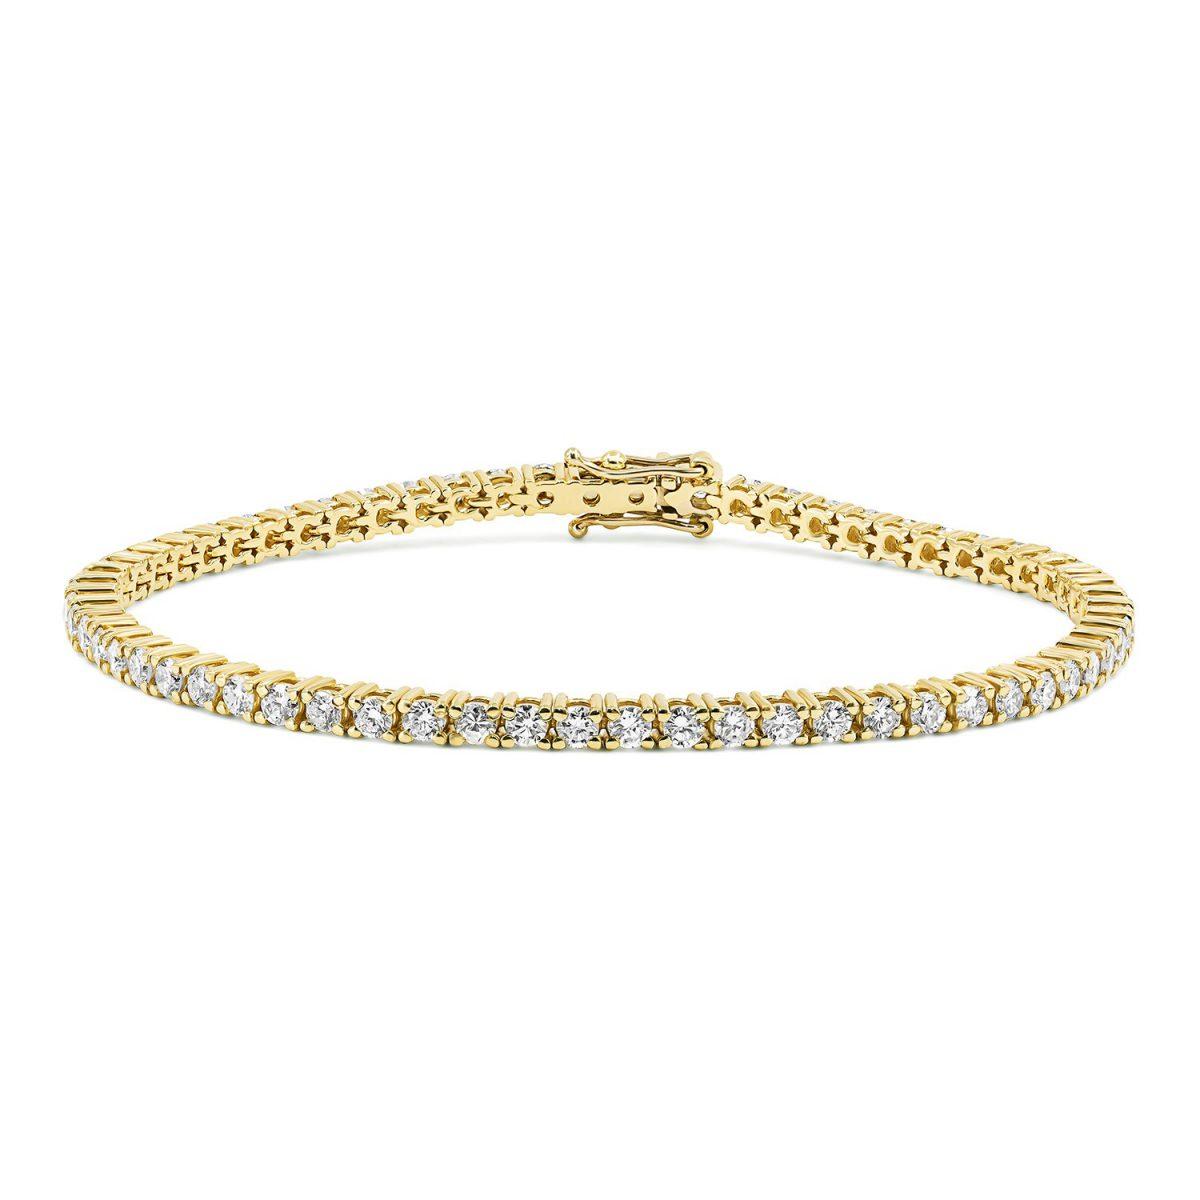 צמיד טניס יהלומים - אלינה - זהב צהוב